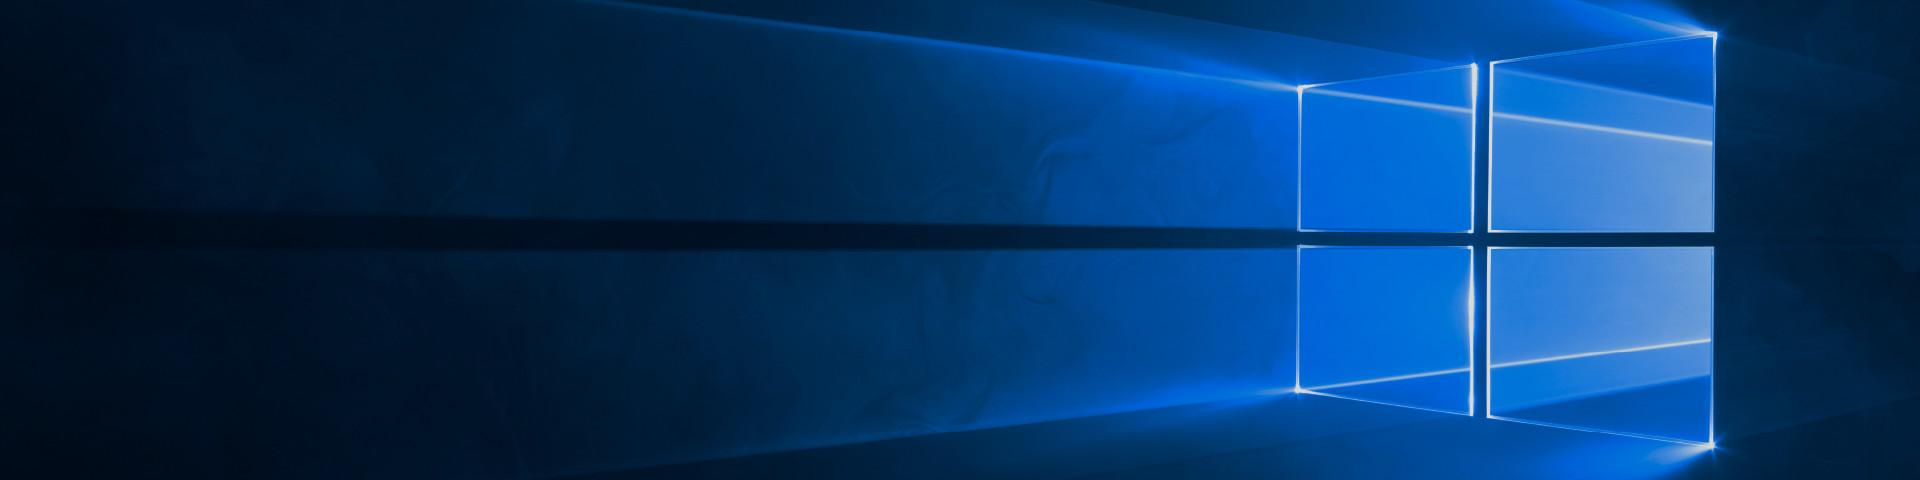 光线通过一面窗户照射进来,购买和下载 Windows 10